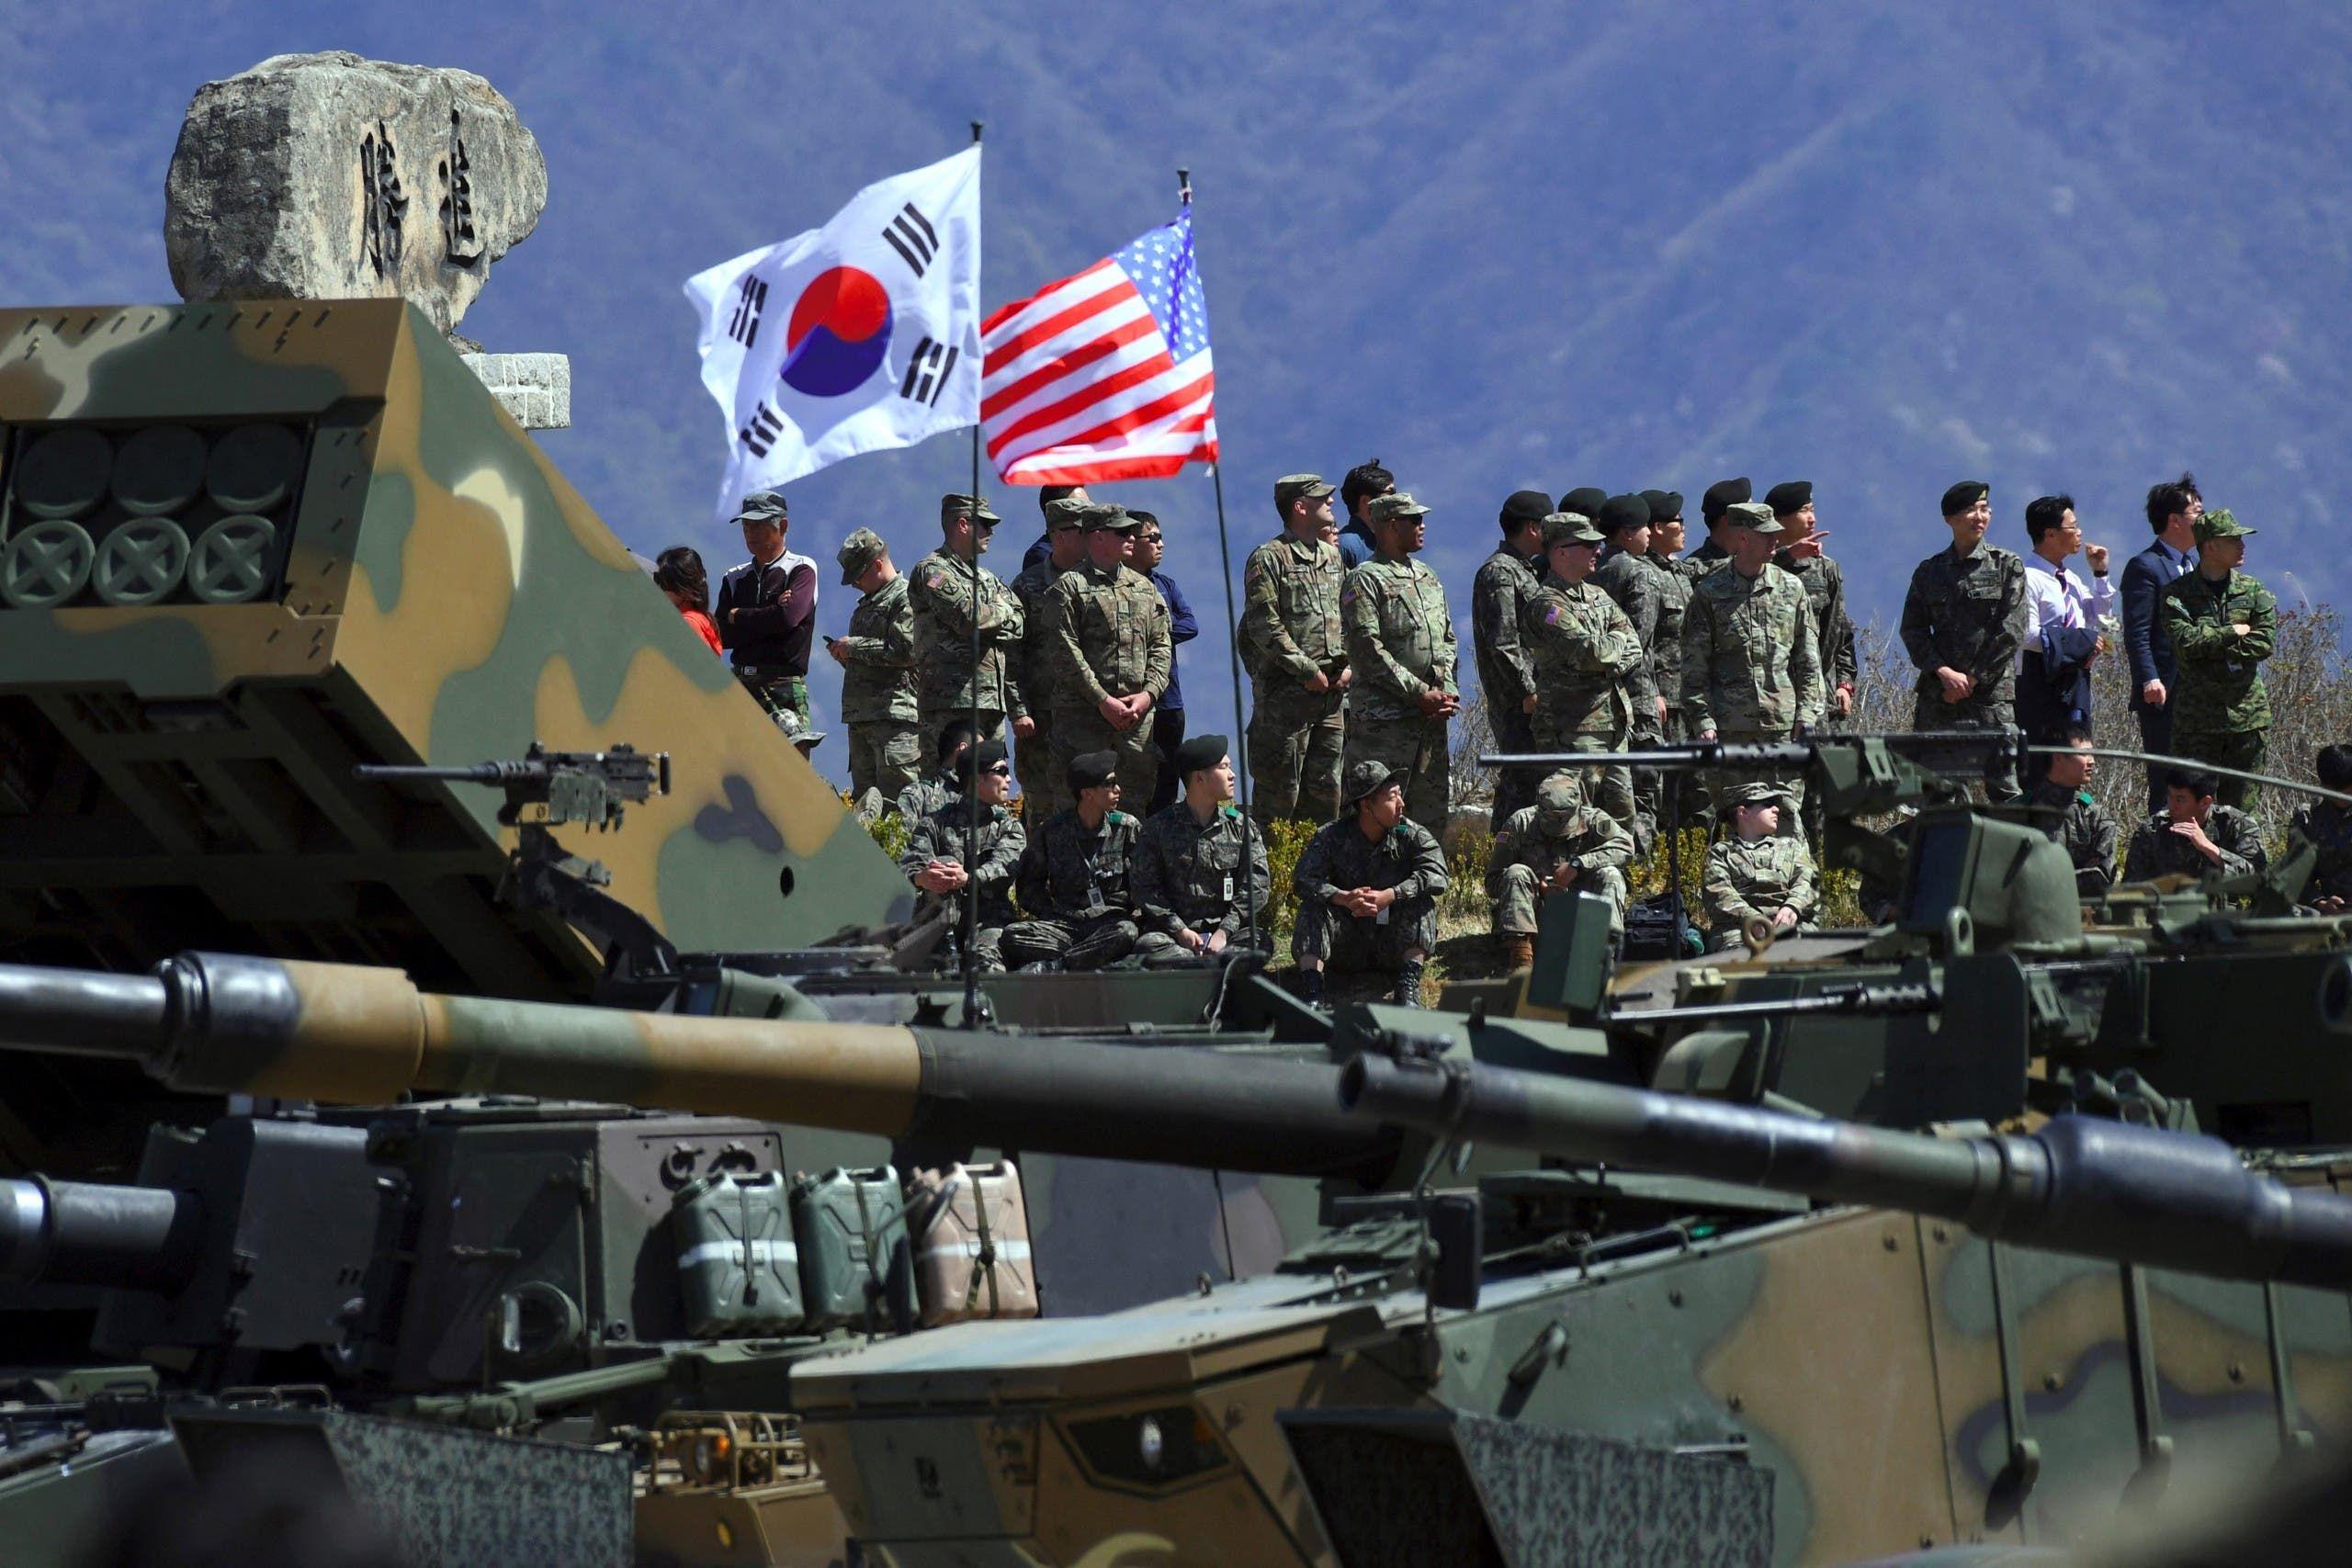 جنود من كوريا الجنوبية والولايات المتحدة خلال تمرين عسكري مشترك في كوريا (أرشيفية)